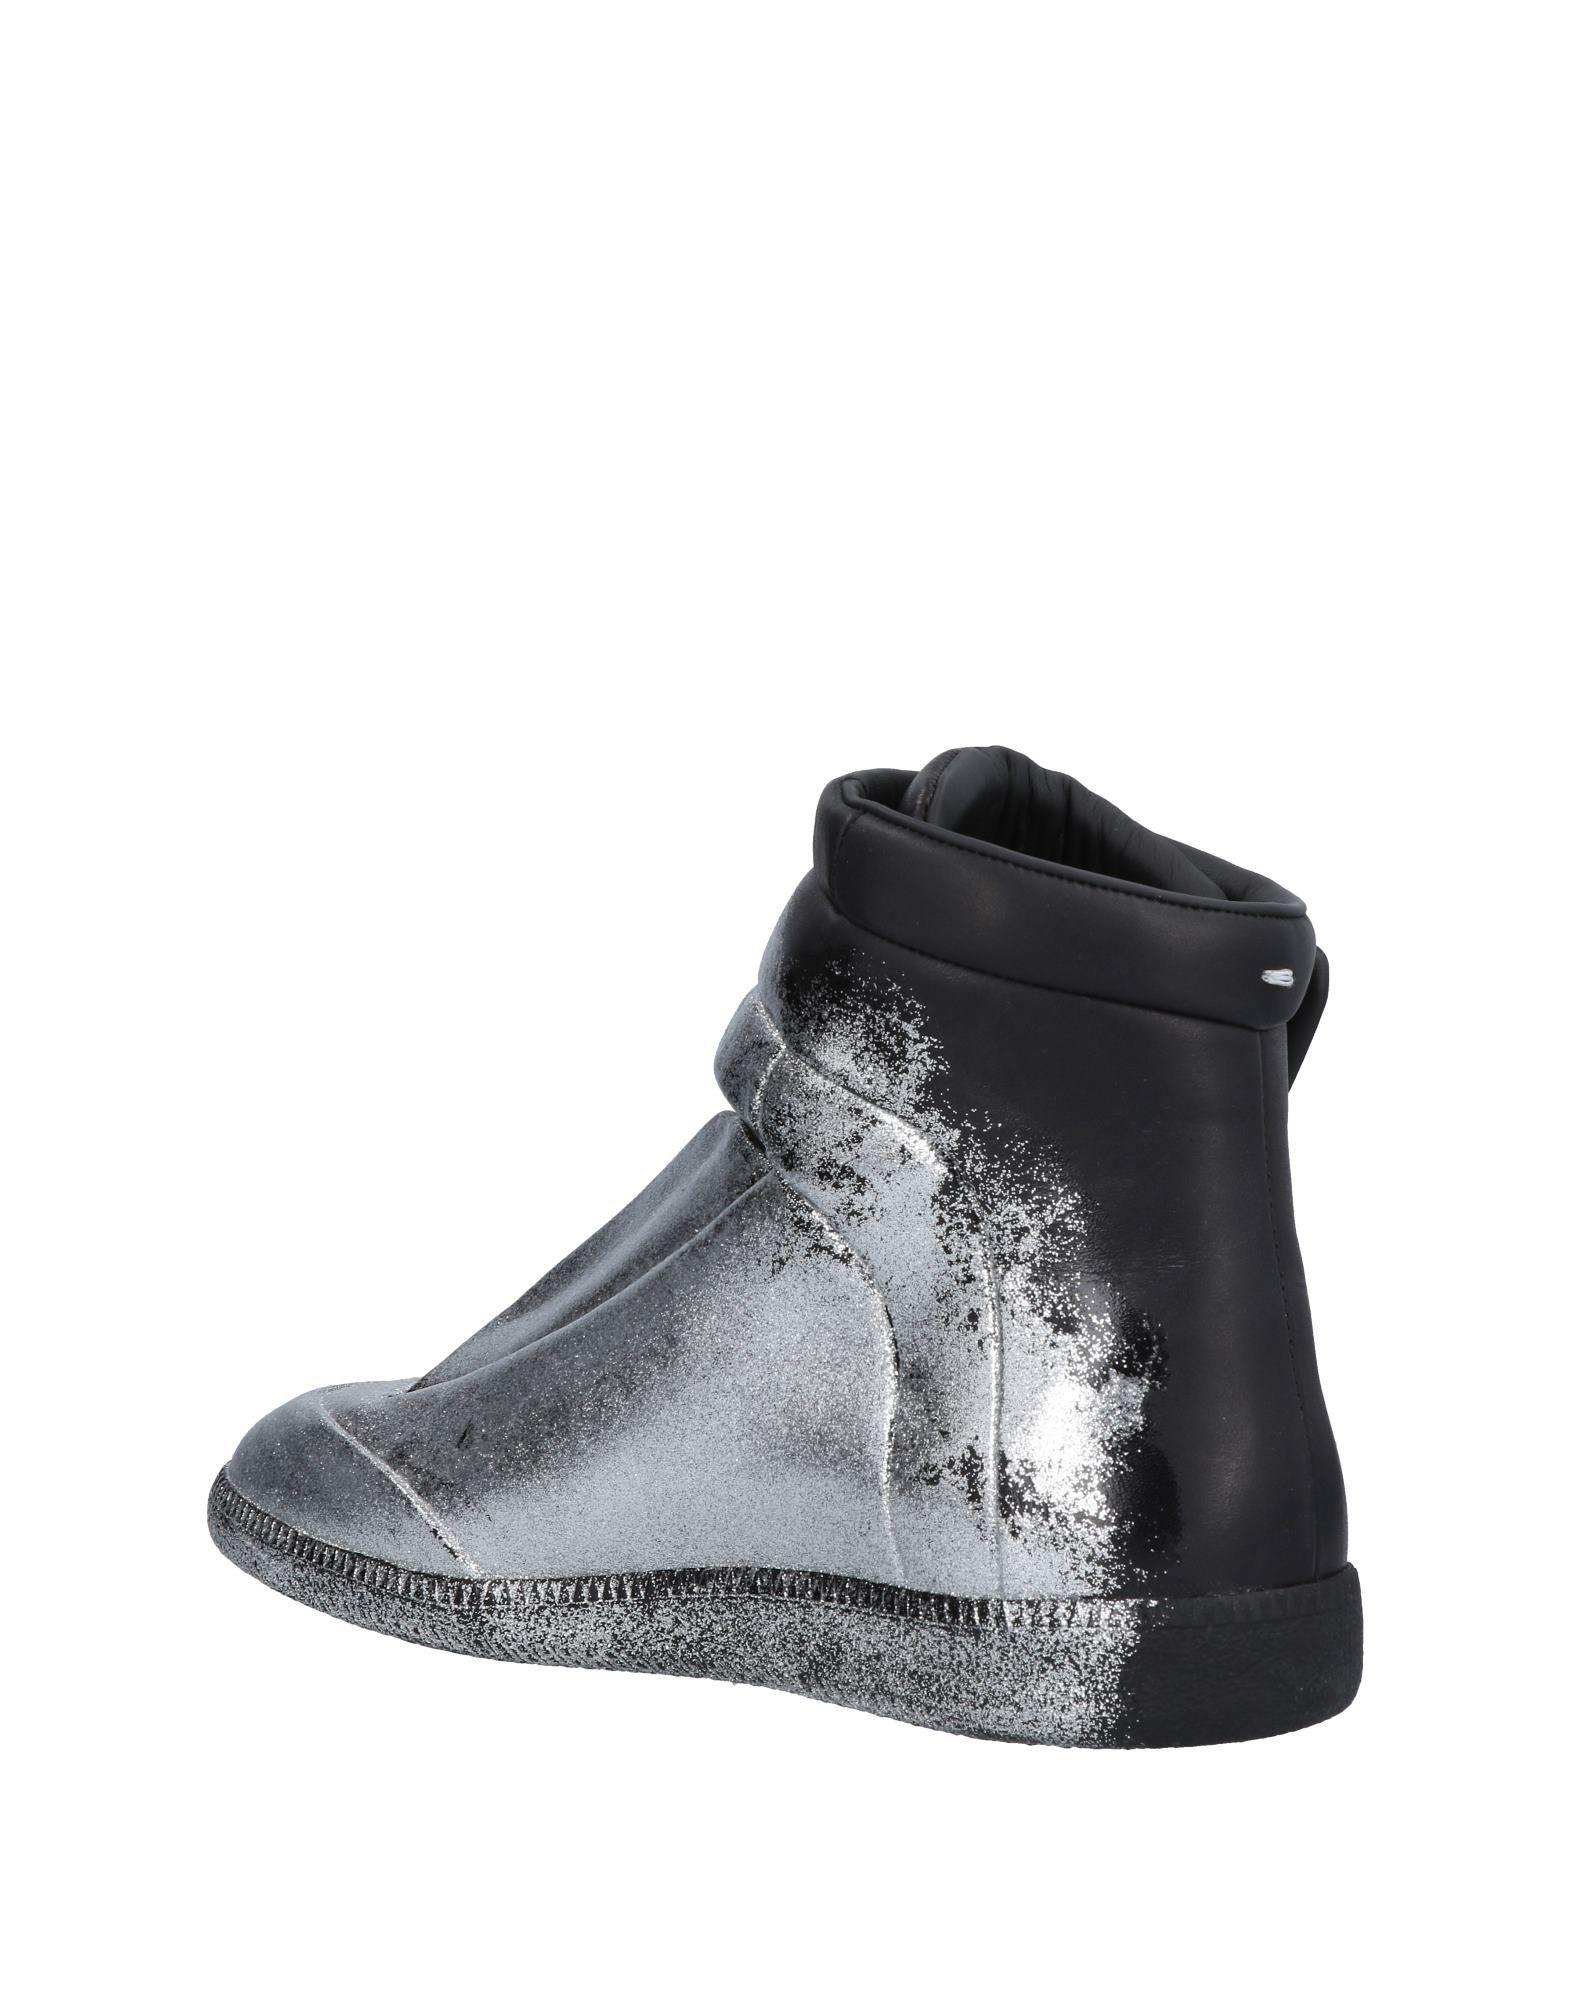 Maison Margiela 11472113JU Sneakers Herren  11472113JU Margiela Neue Schuhe a160fa